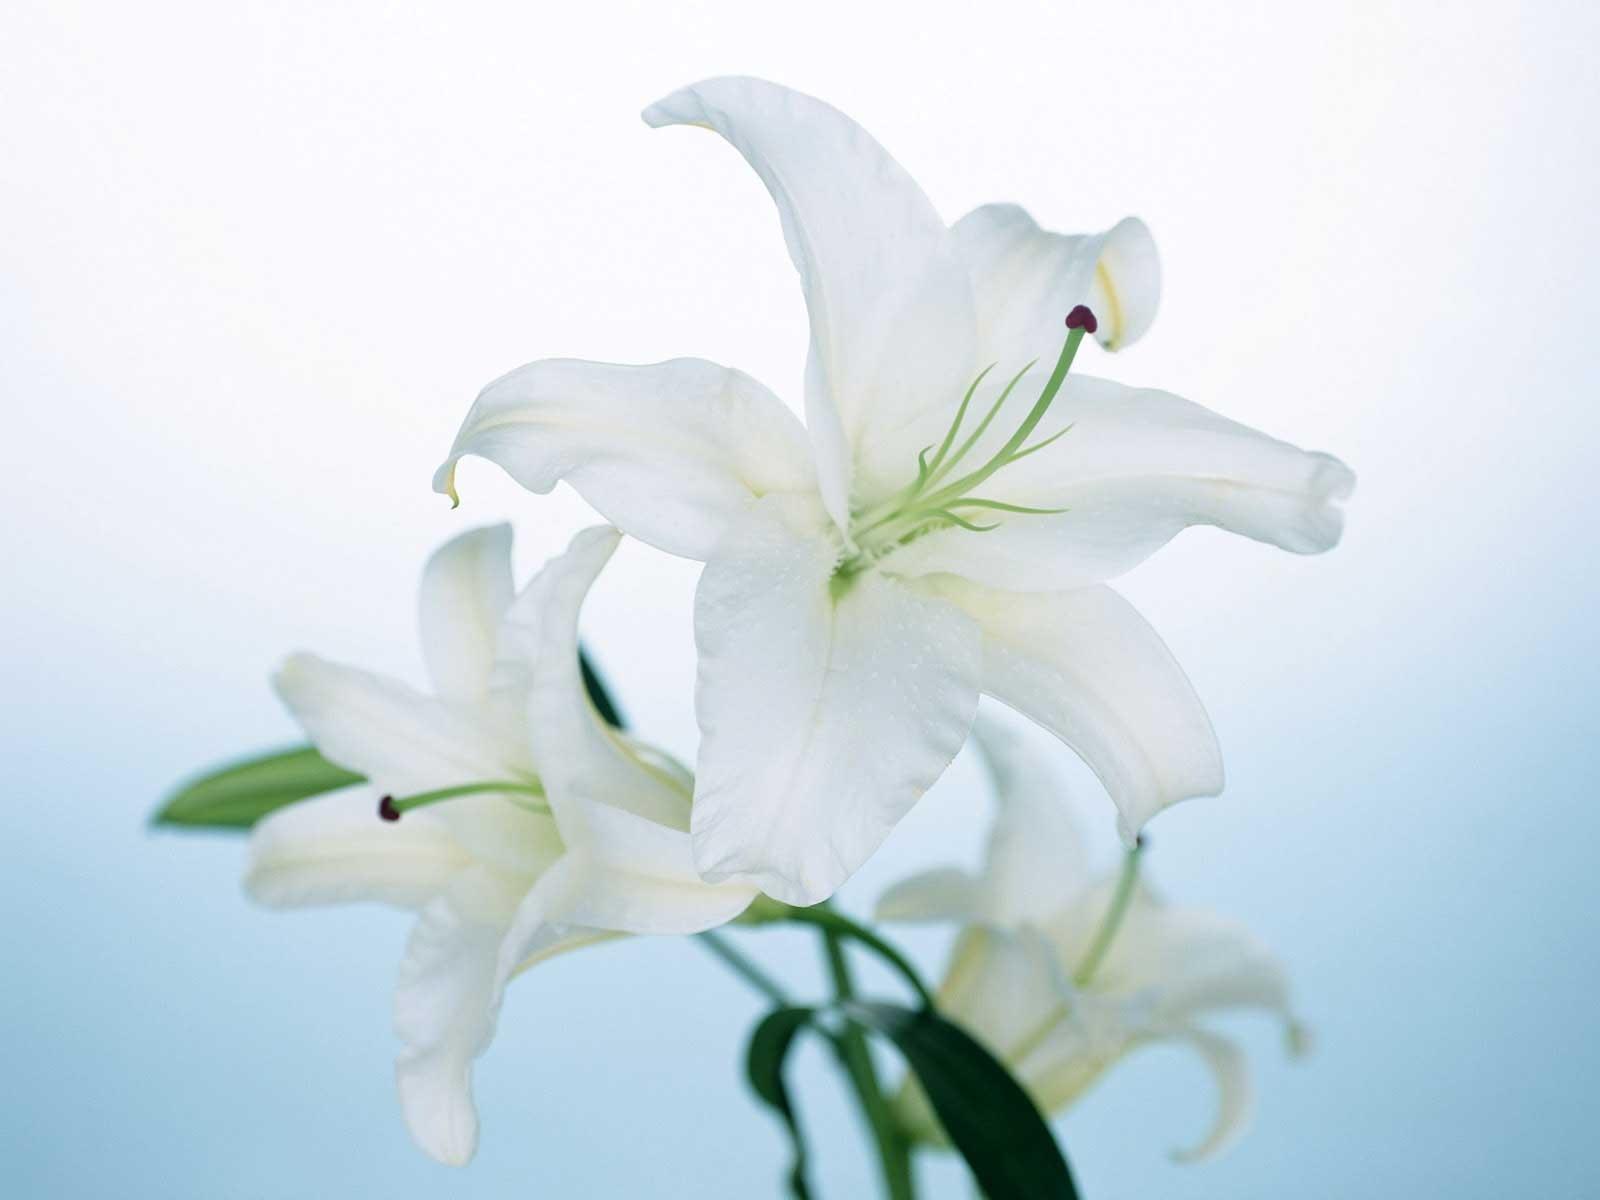 tải ảnh hoa lily